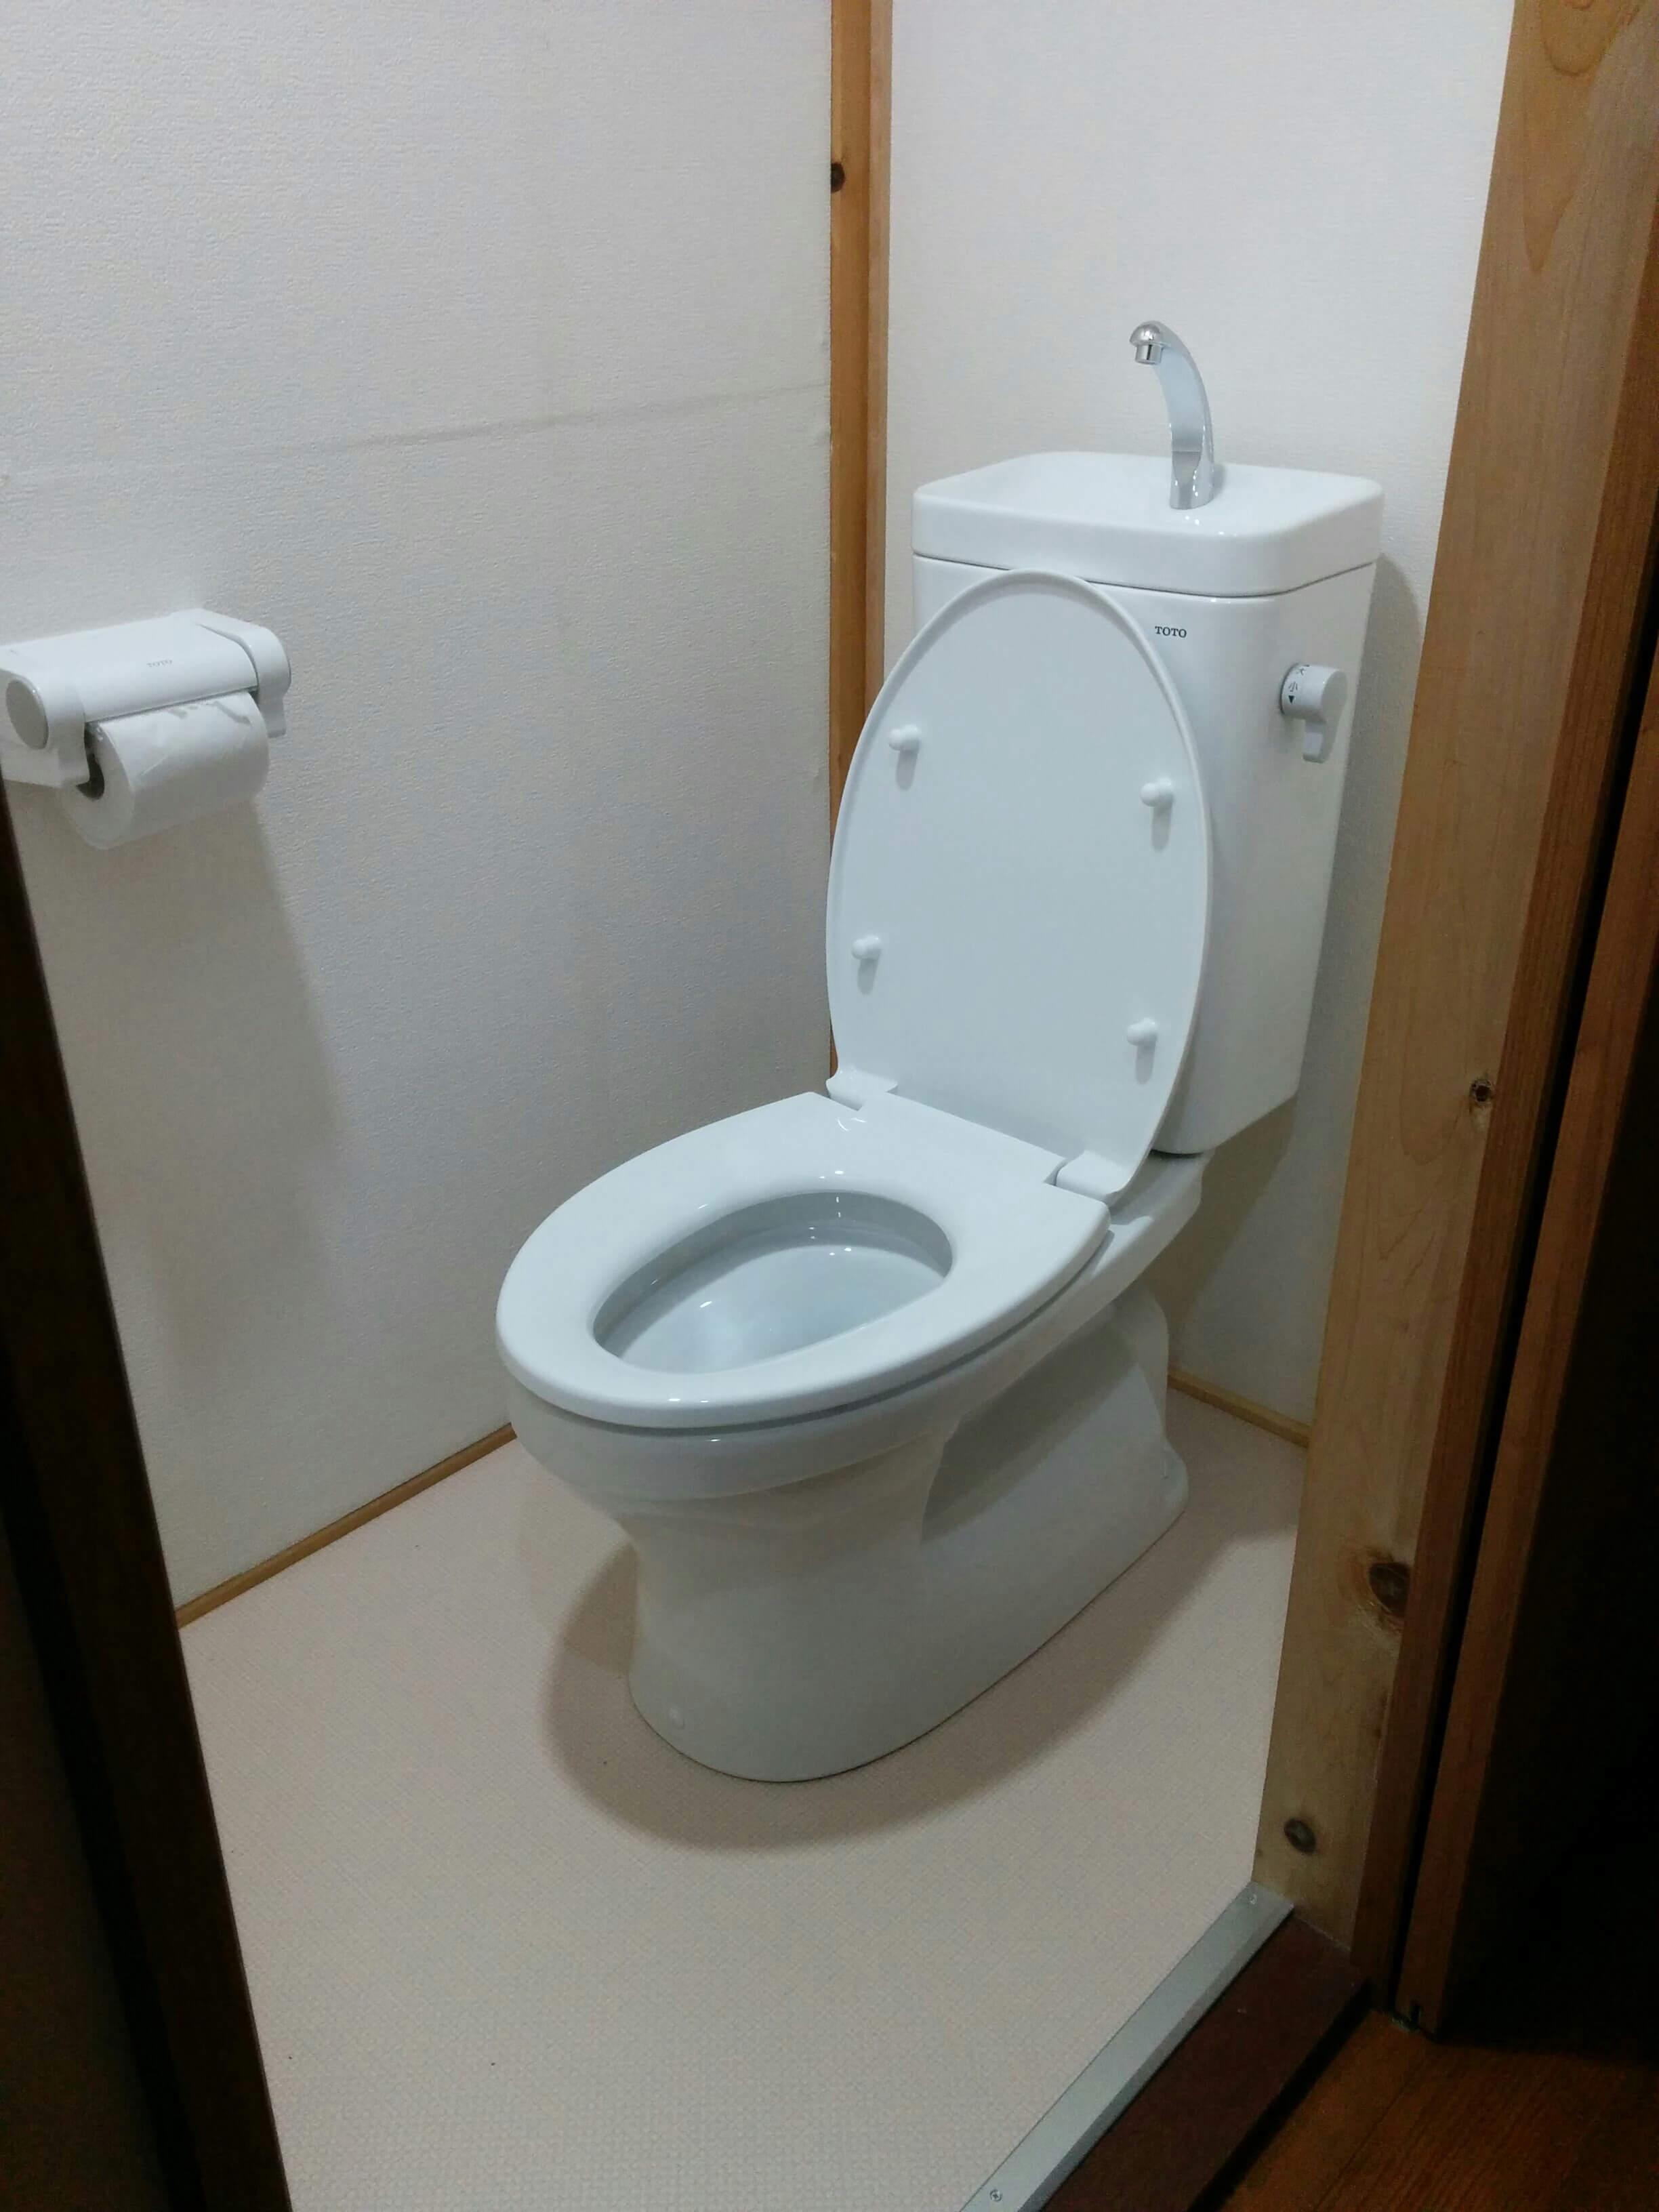 【トイレ増設リフォーム工事】 常滑市 I様邸 2016年11月28日